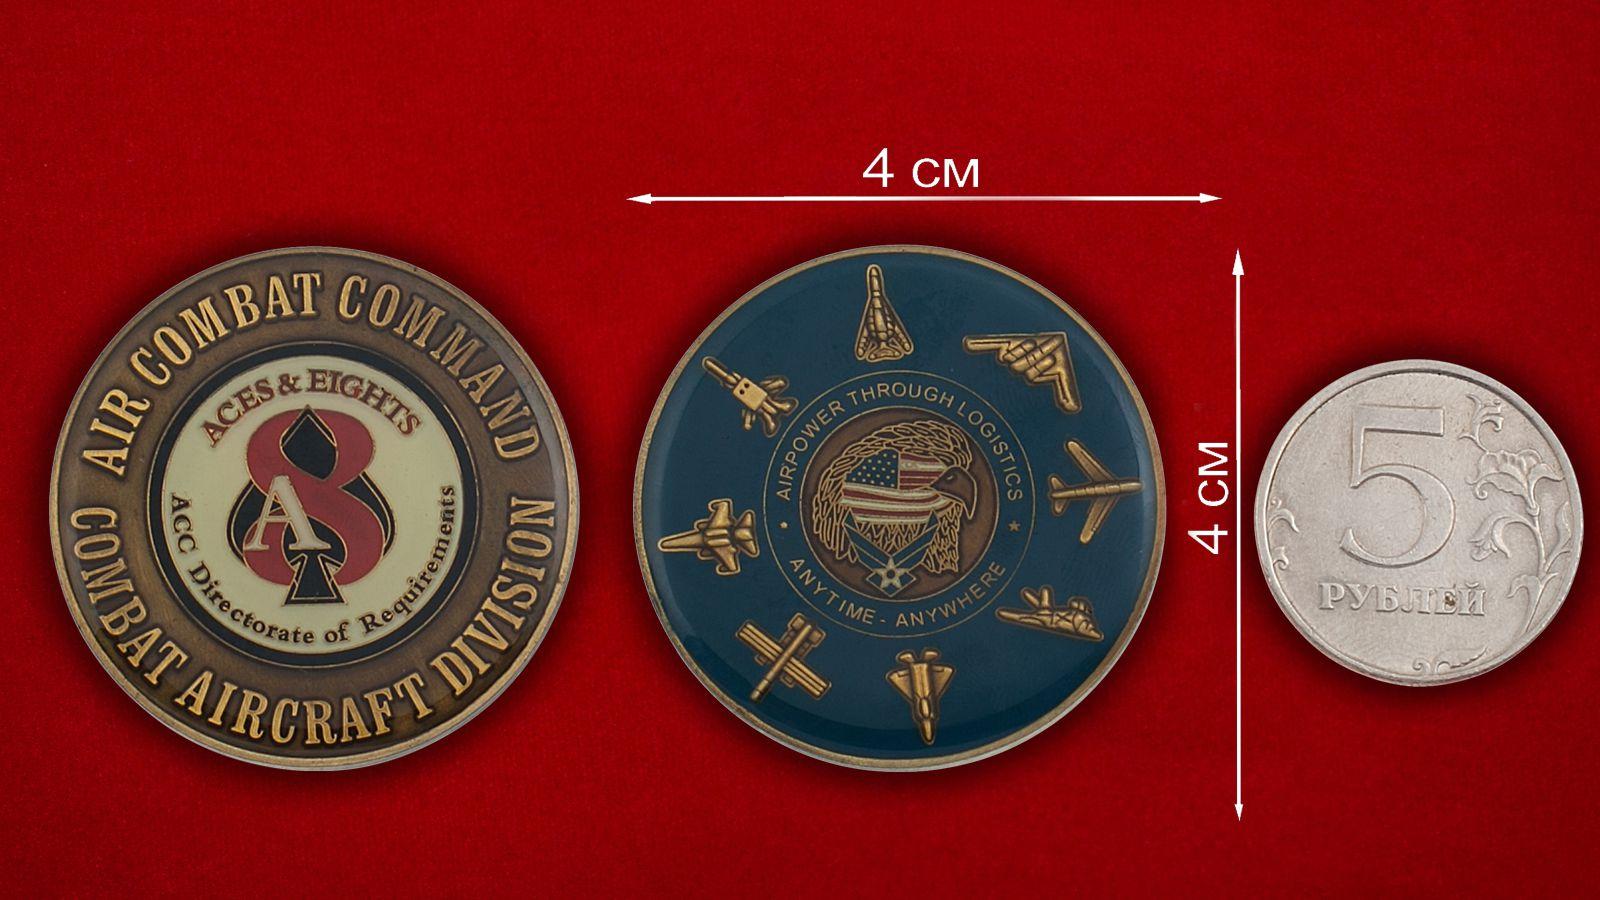 Челлендж коин Управления снабжения Боевого авиационного командования ВВС США - сравнительный размер